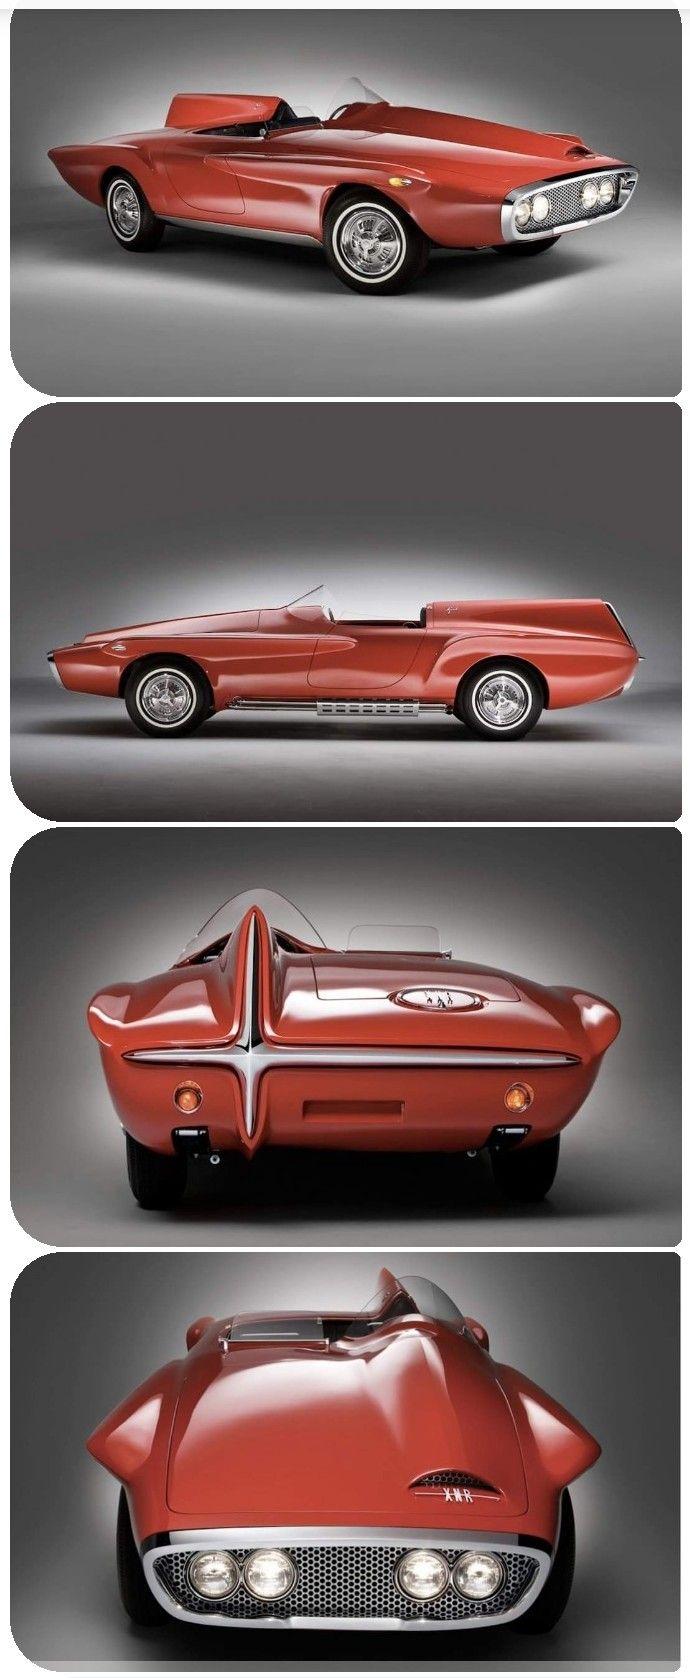 1960 Plymouth Xnr Concept Coches Clasicos Carros Clasicos Autos